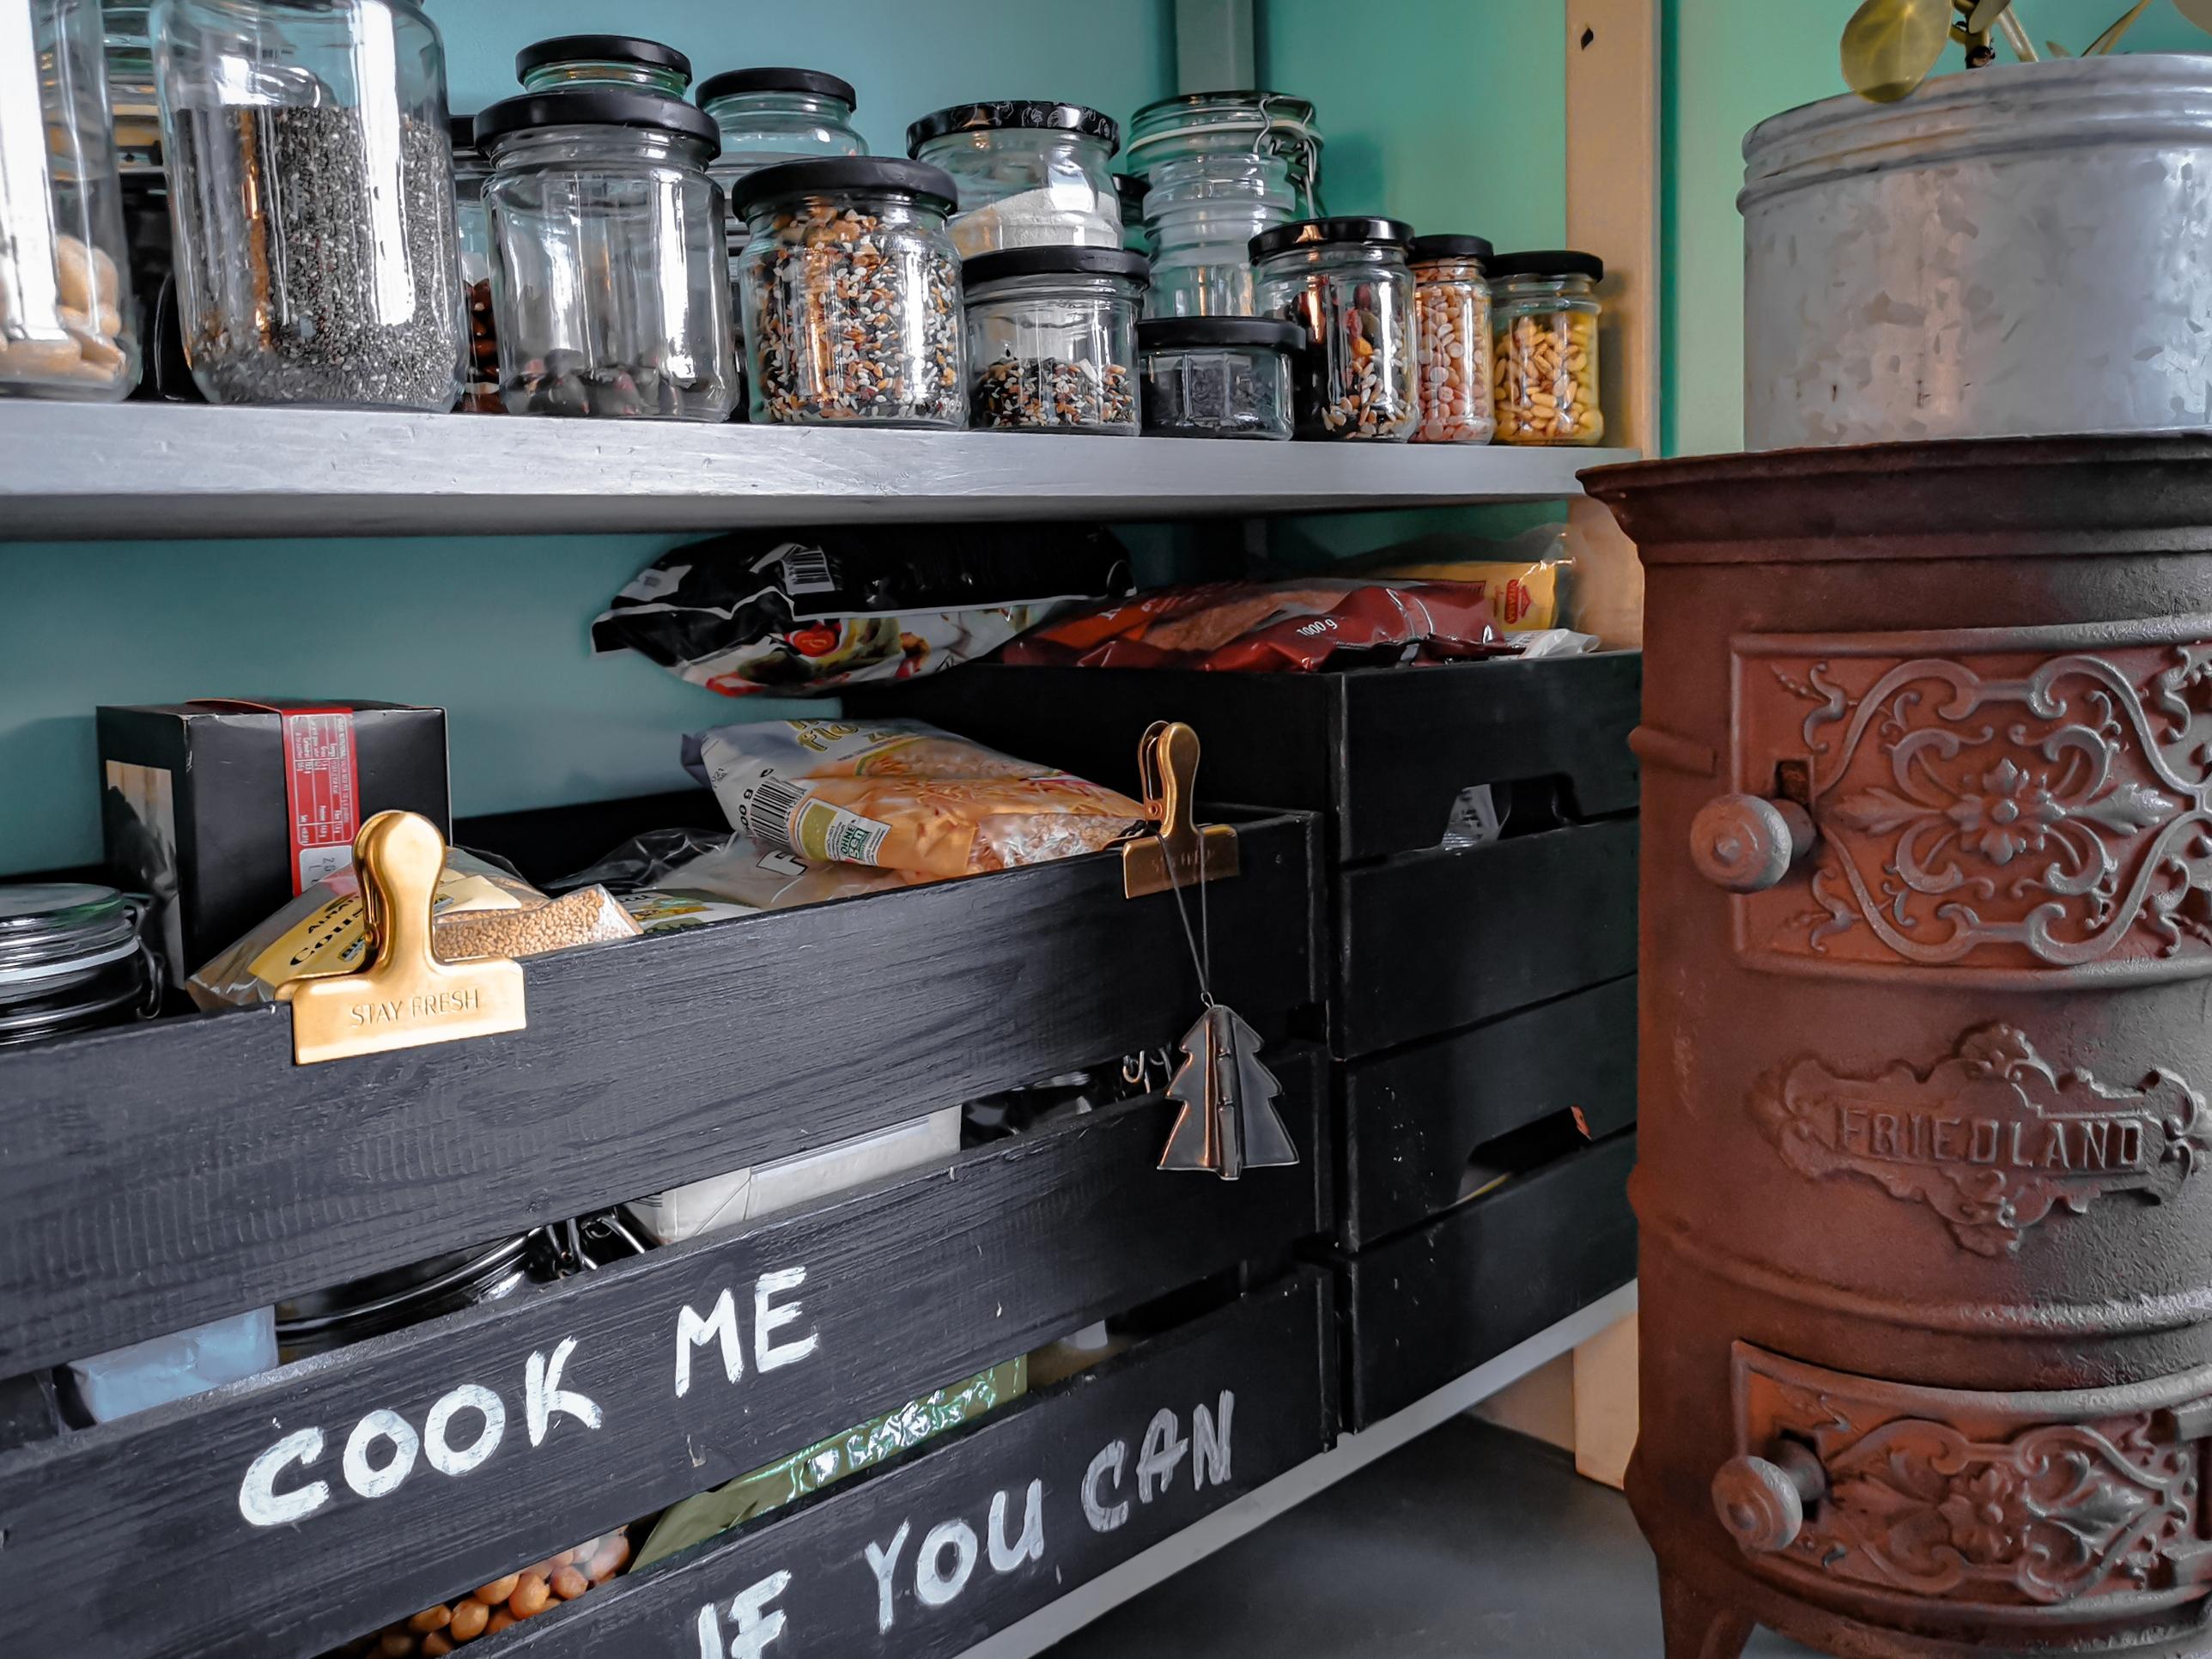 IMG 20200208 153825 resized 20200608 103802916 - Projekt Vorzimmer: 11 DIY-Ideen an einem Ort